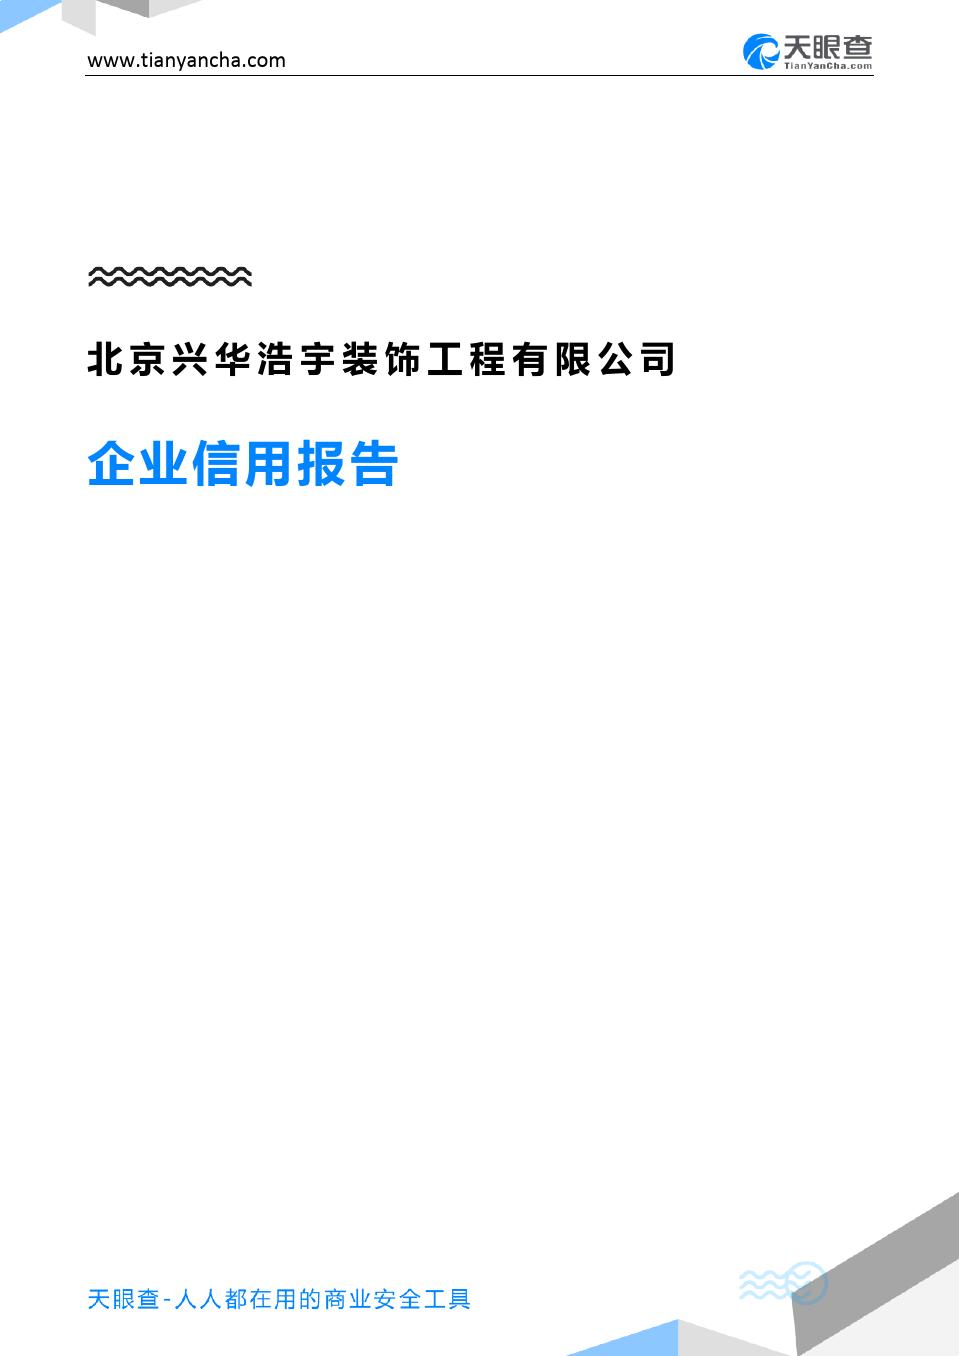 北京兴华浩宇装饰工程有限公司企业信用报告-天眼查